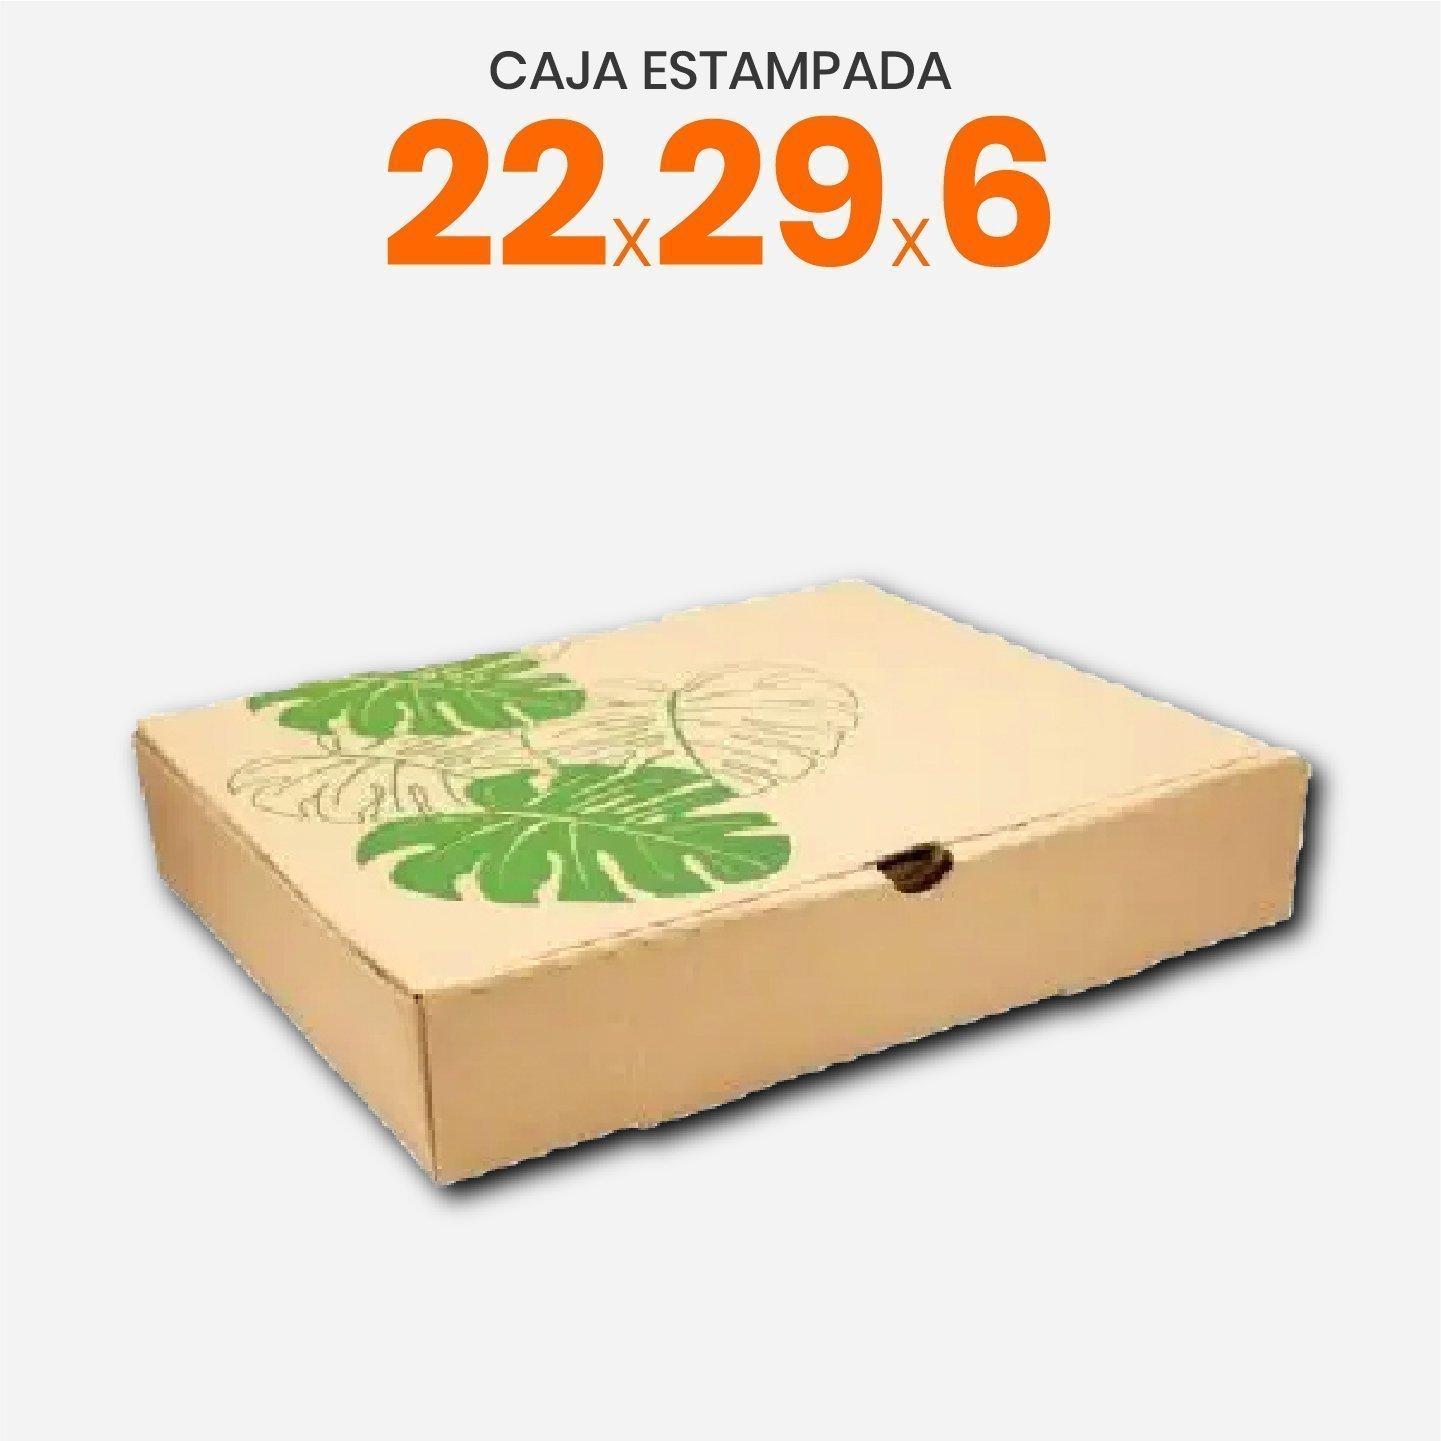 Caja De Cartón Corrugado Con Estampa De Hojas 22x29x6